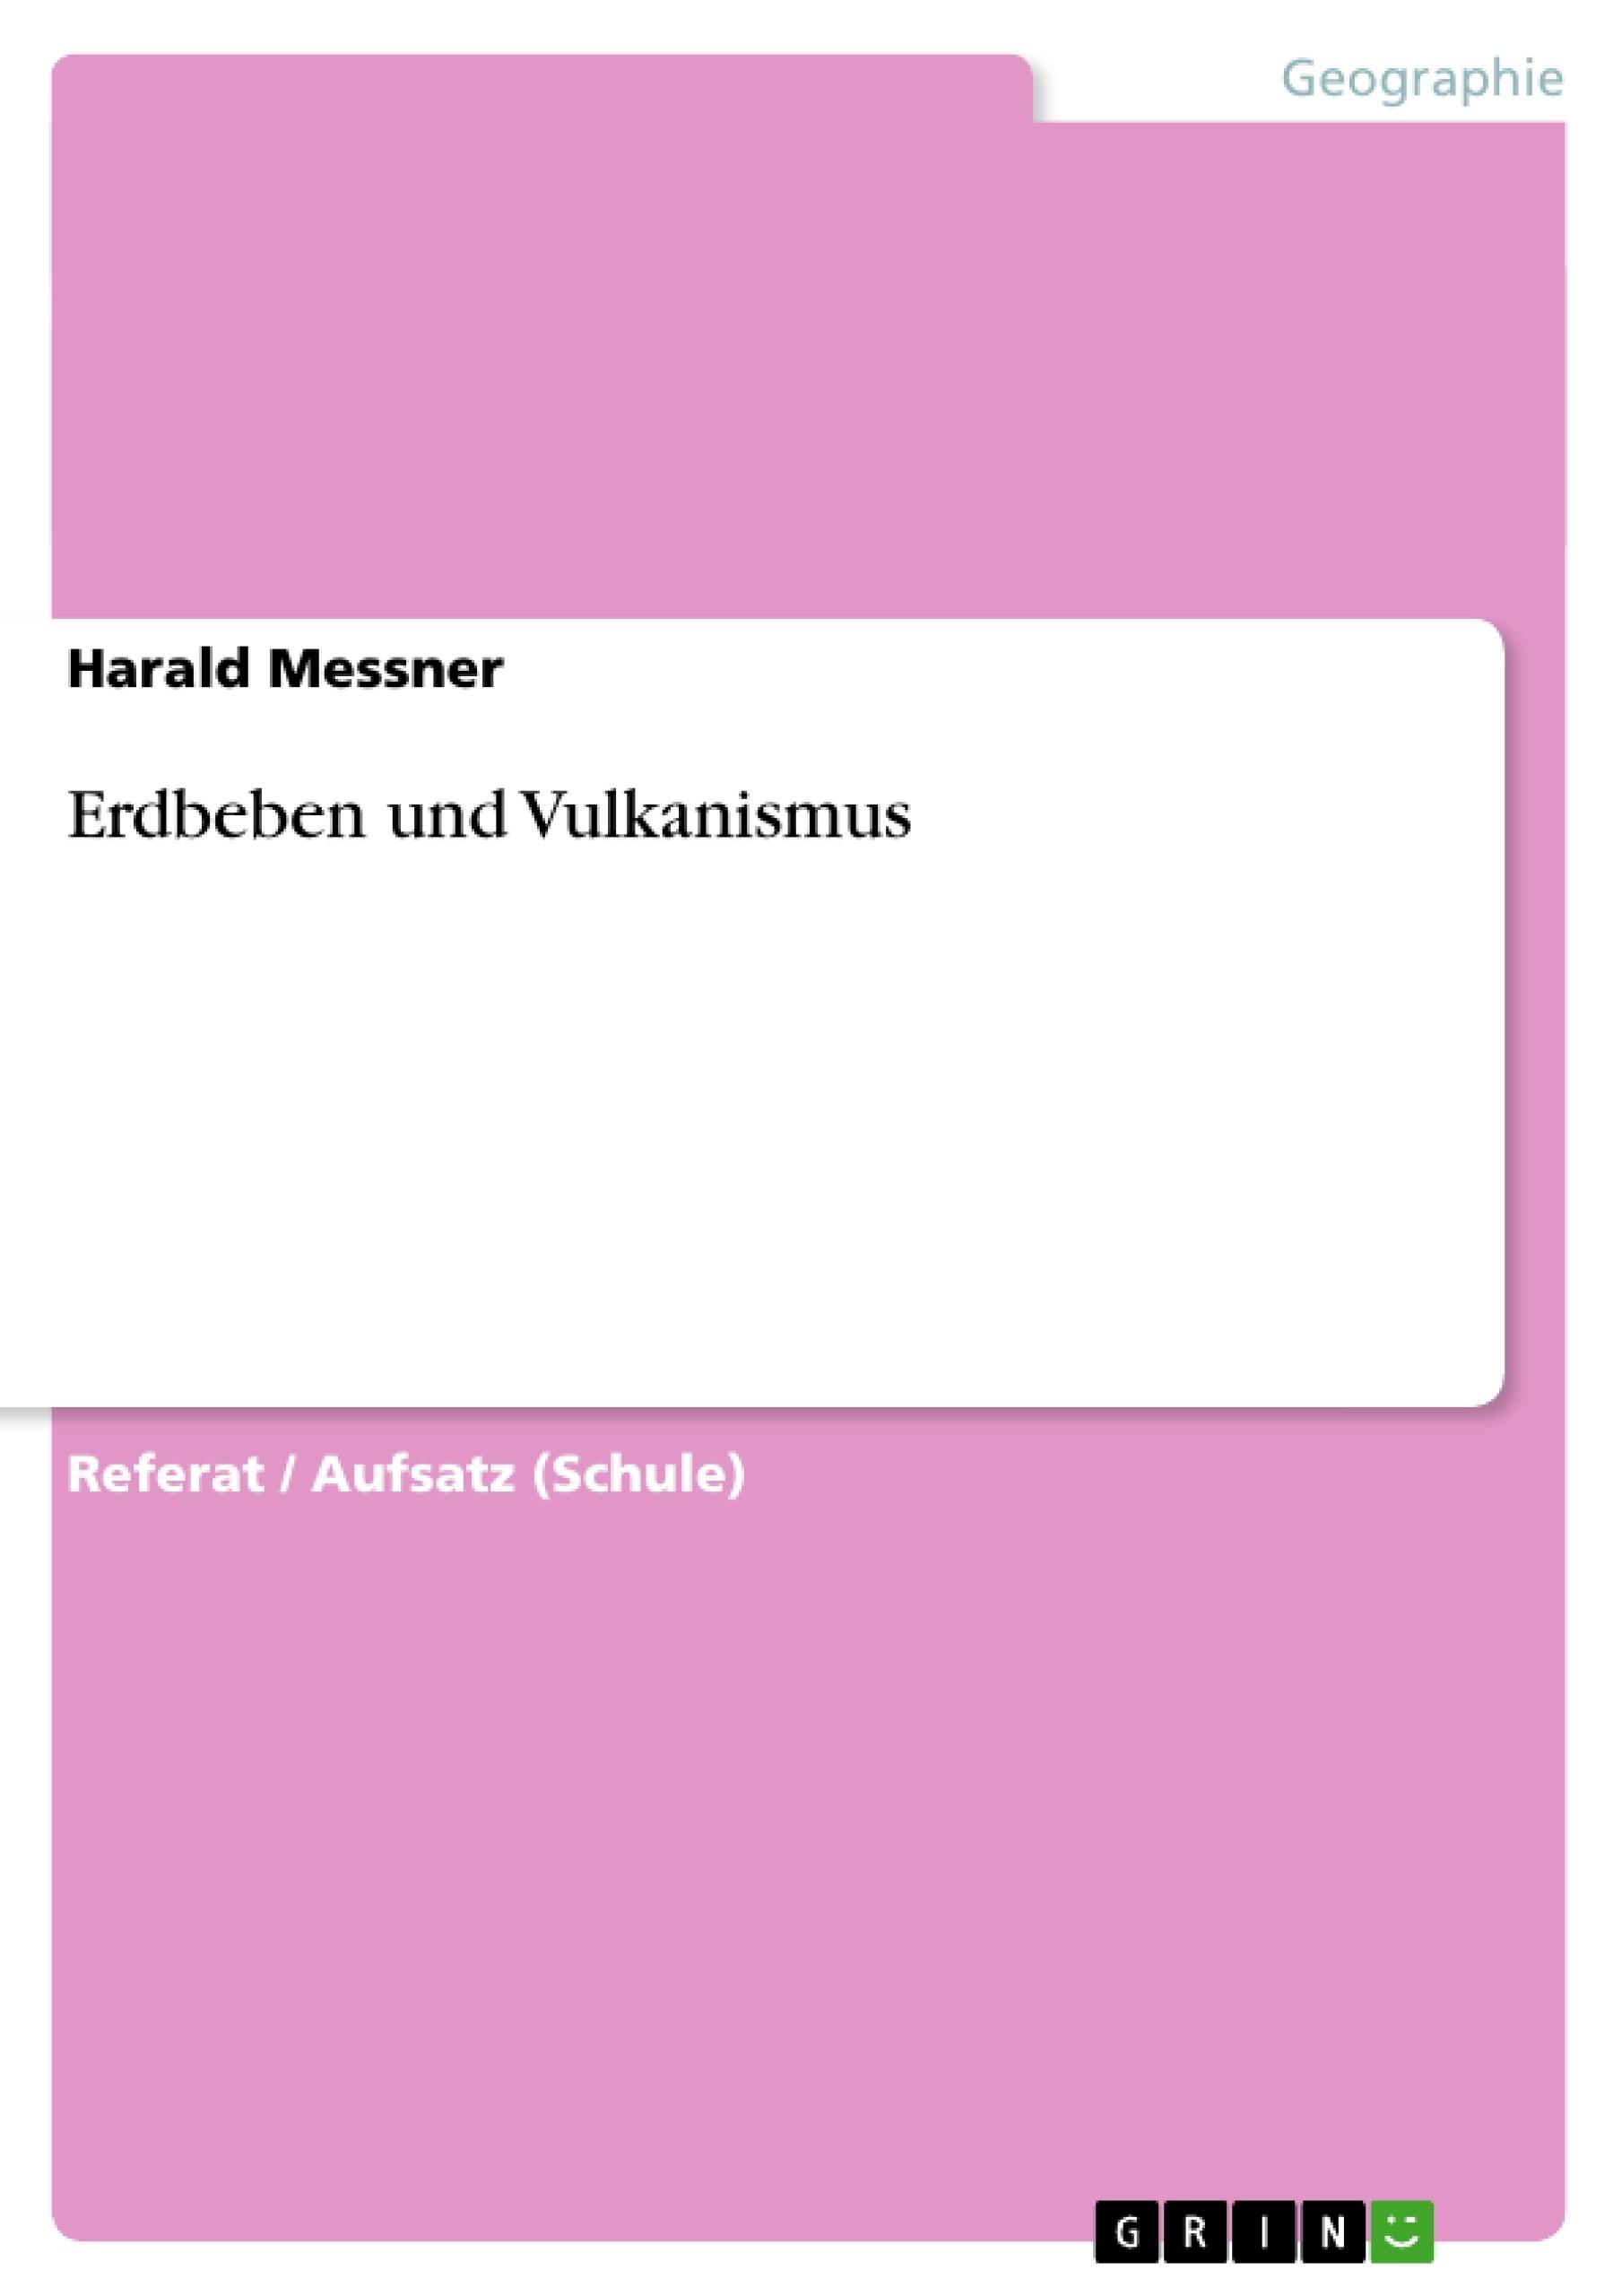 Titel: Erdbeben und Vulkanismus